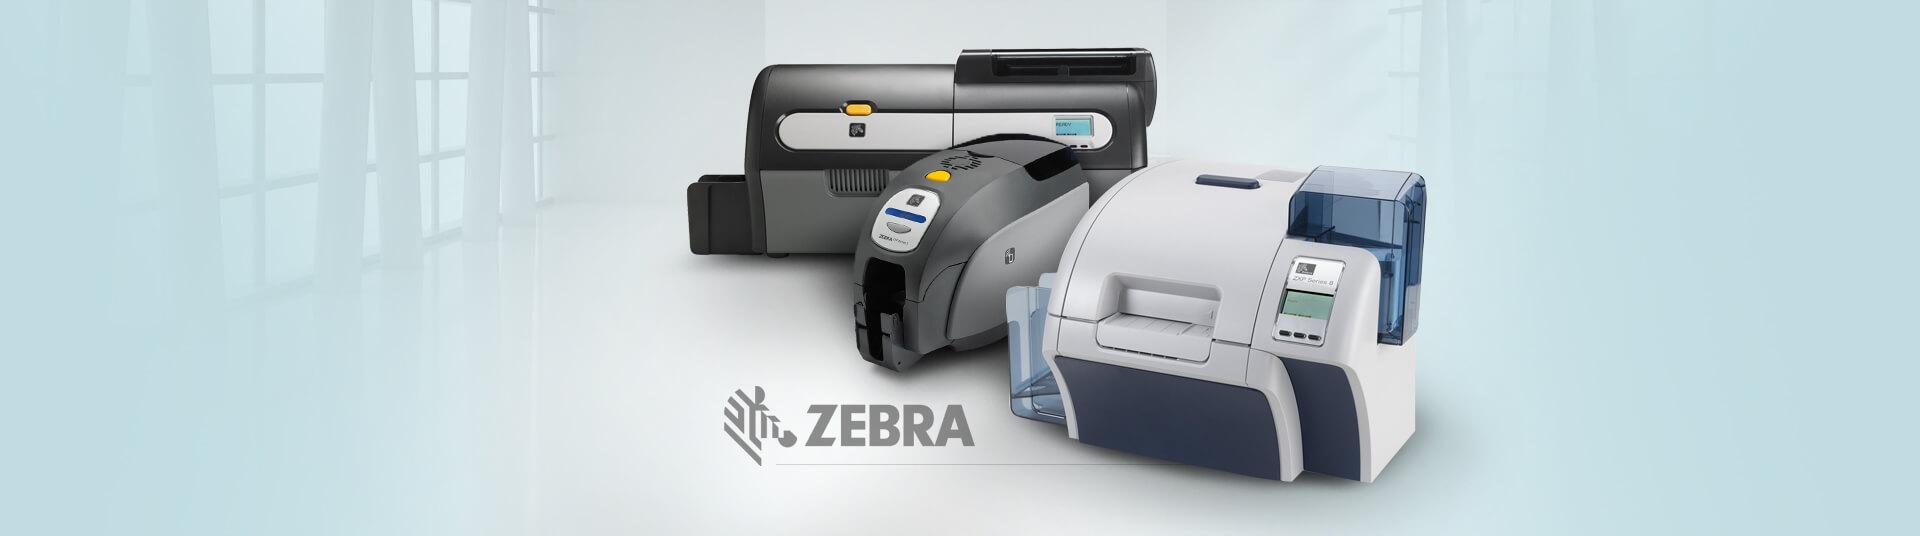 Zebra Reliability Alphacard